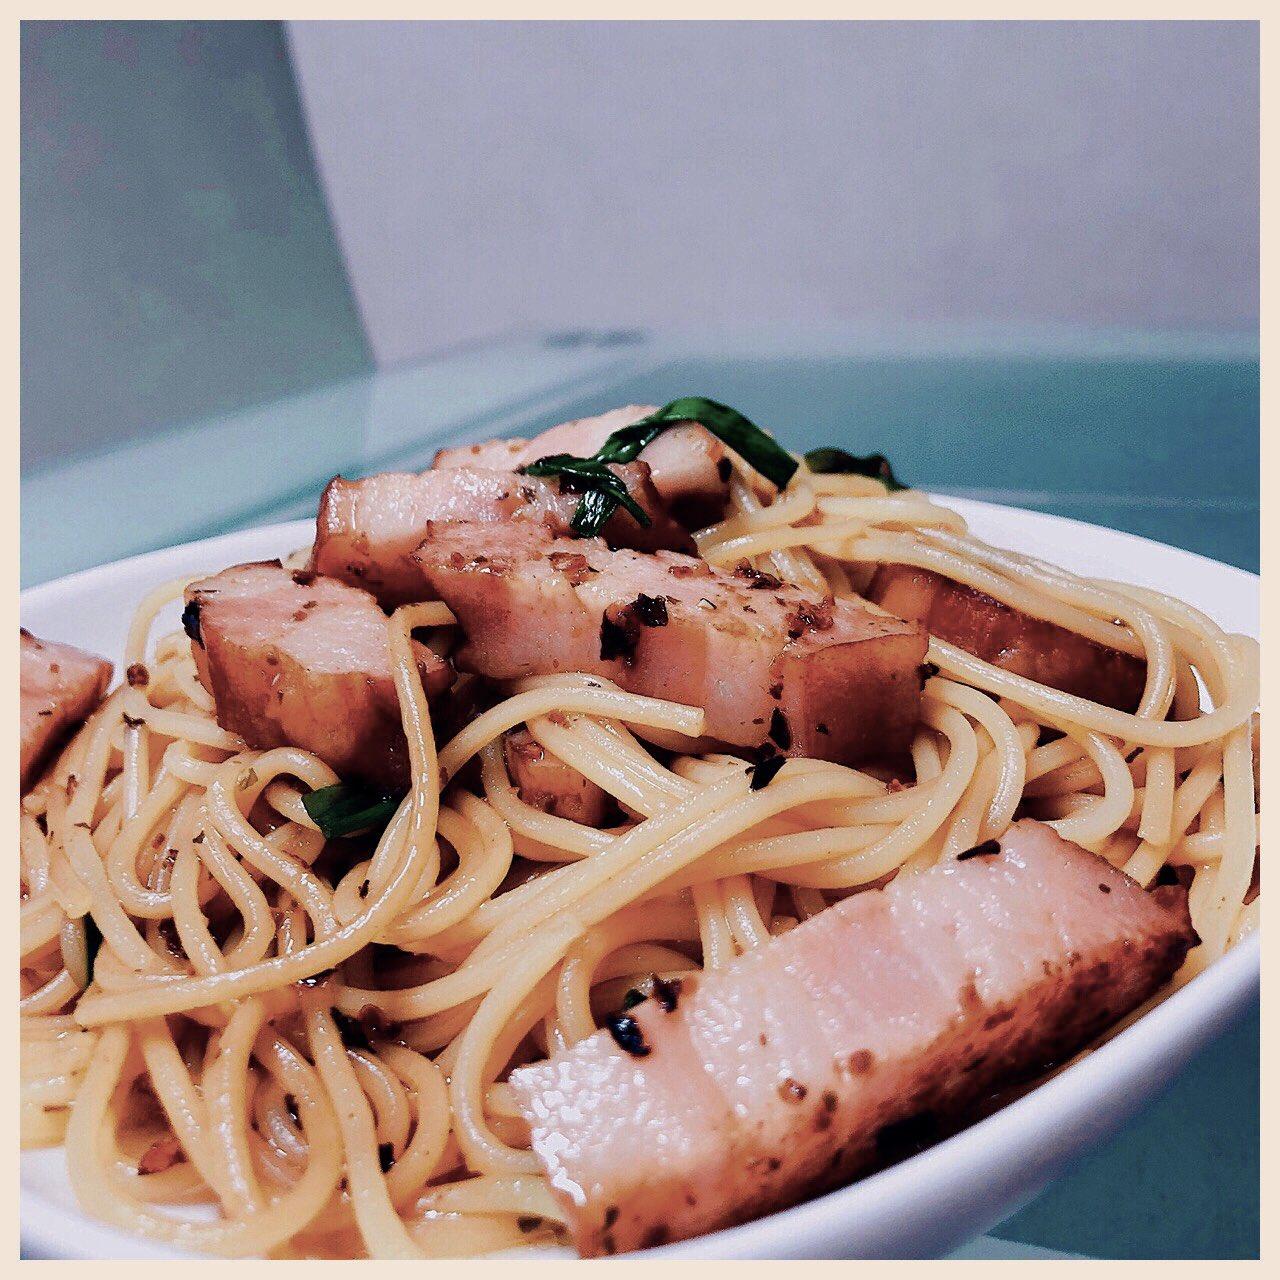 ペペロンチーノ食べたいと思って作りはじめたけど和風味がいいなと思って醤油・白出汁・味醂を足したら美味しい。唐辛子の辛味も良い。久々に庭からネギを収穫して使った。3分で手軽に茹で上がるスパゲッティのおかげでよくスパゲッティ作るようになってる(*´∀`) https://t.co/ZSdbNaQ2Mc